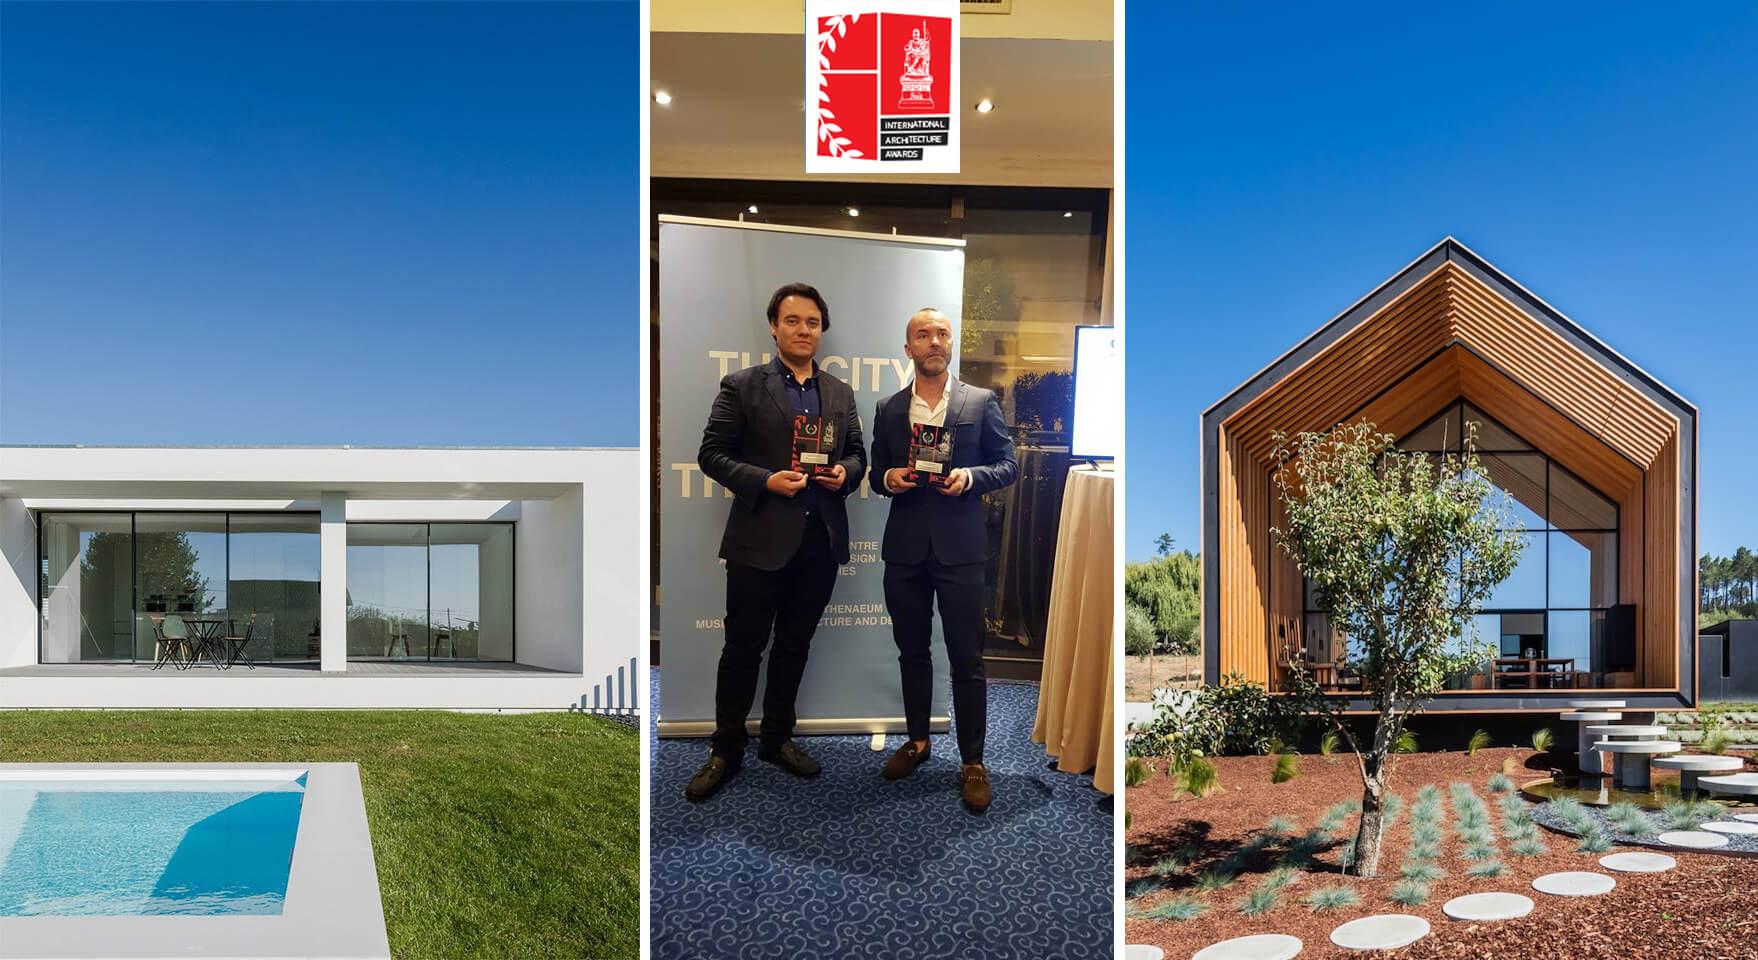 Entrega de prémios aos arquitetos Raulino Silva e Filipe Saraiva na International Architecture Awards de 2018